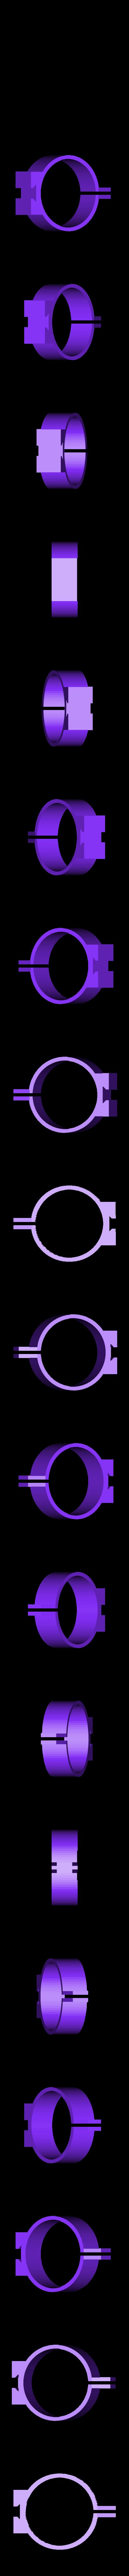 bhl-box-clip.stl Download free STL file NeoPixel Bike Light • 3D printer template, Adafruit